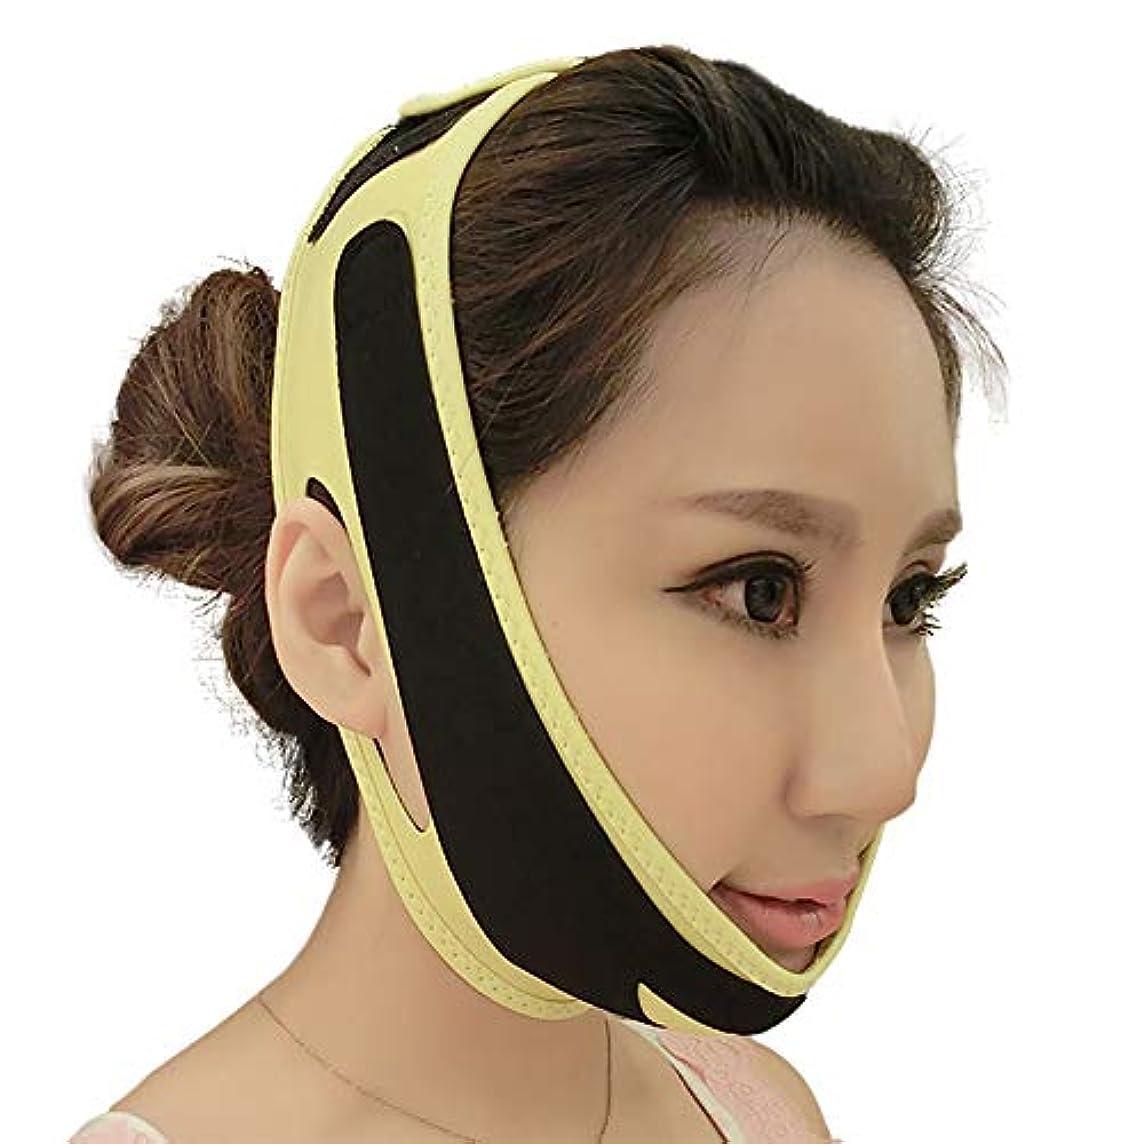 利得告白する現在痩身頬マスク、アンチリンクルVラインフェイシャルマスクリフトアップストラップチンフェイスラインベルトストラップバンド,Yellow